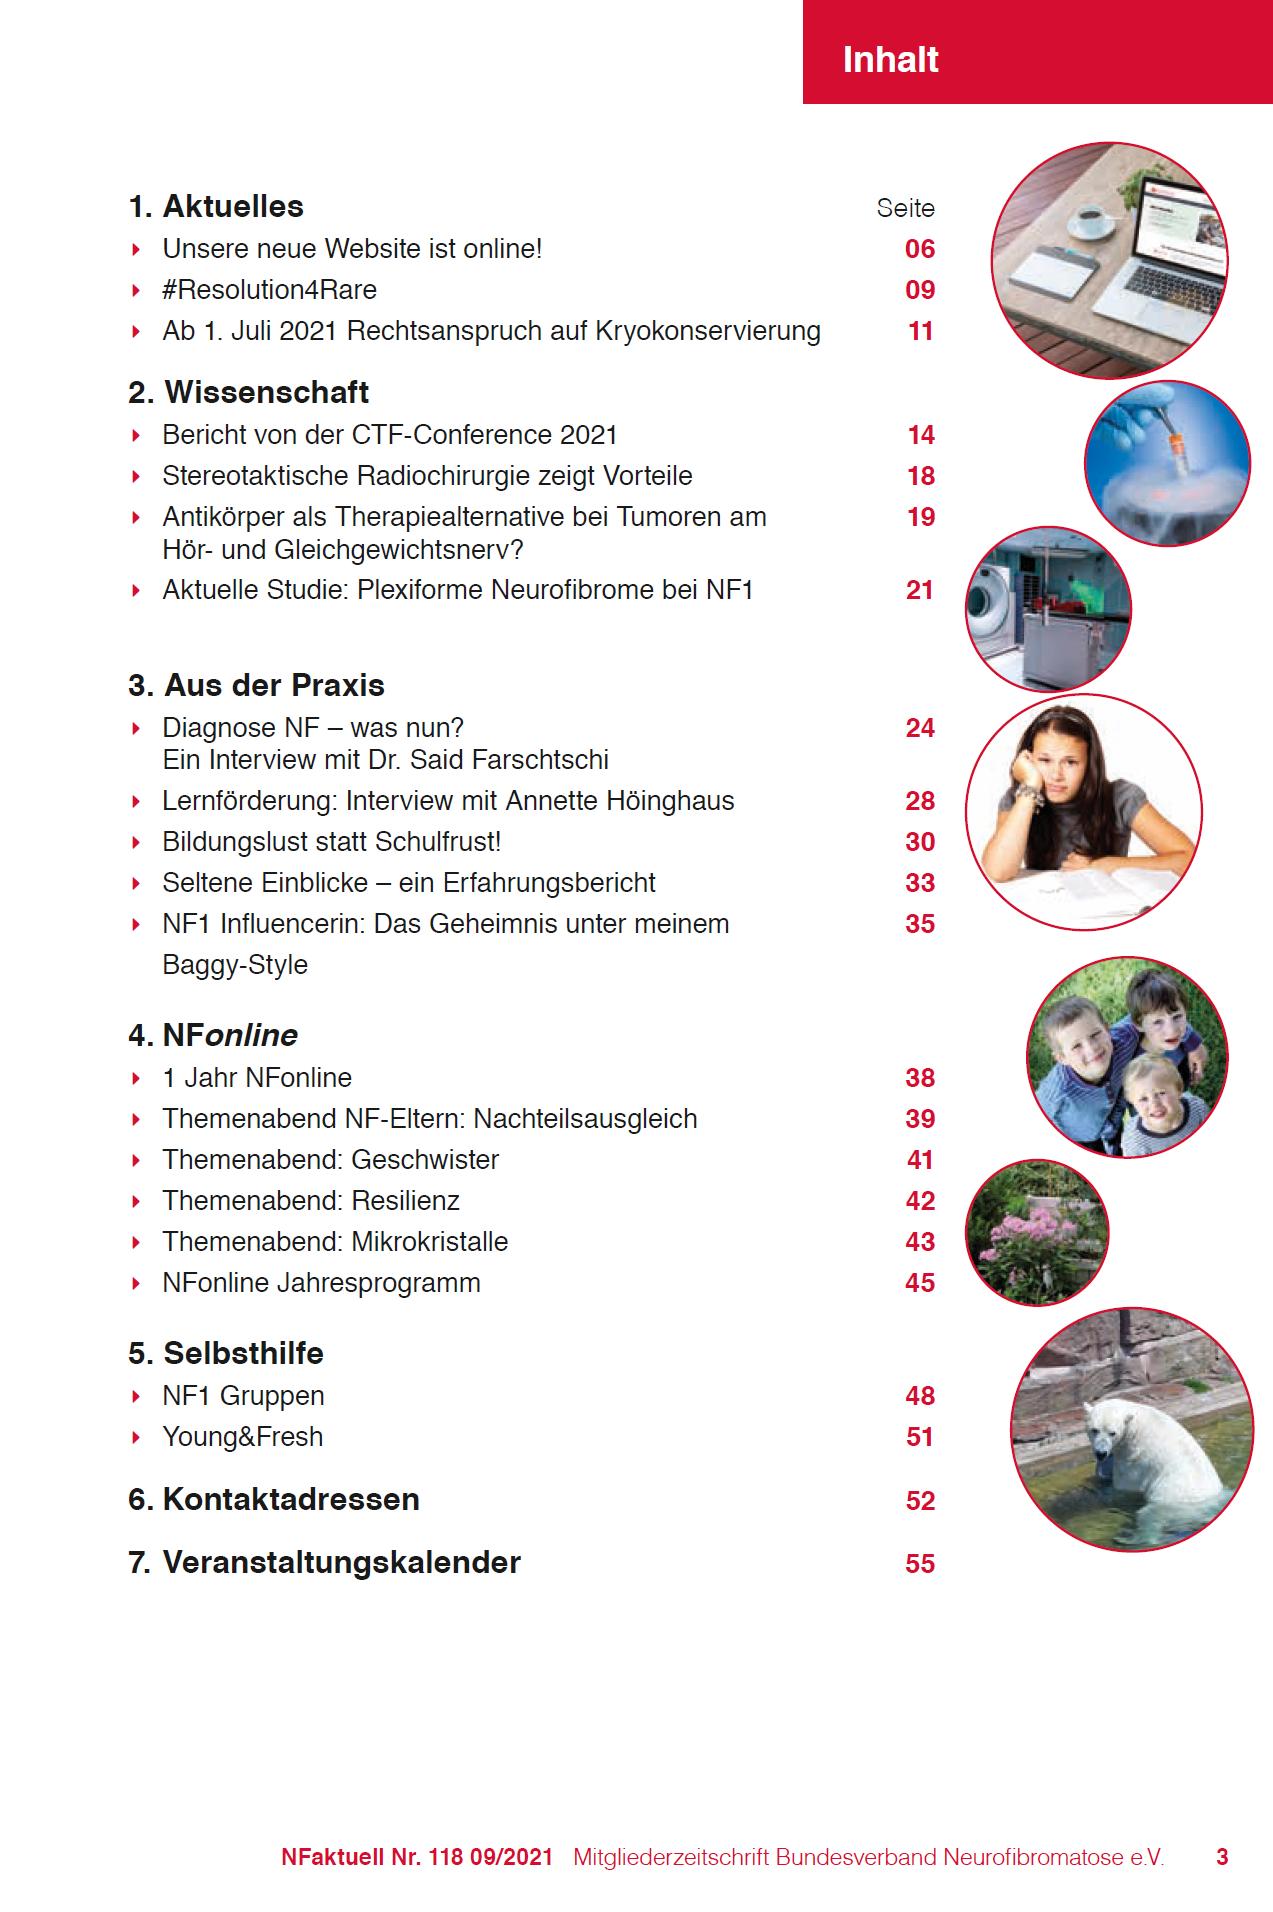 NFaktuell 118 Inhalt Mitgliederzeitschrift Bundesverband Neurofibromatose